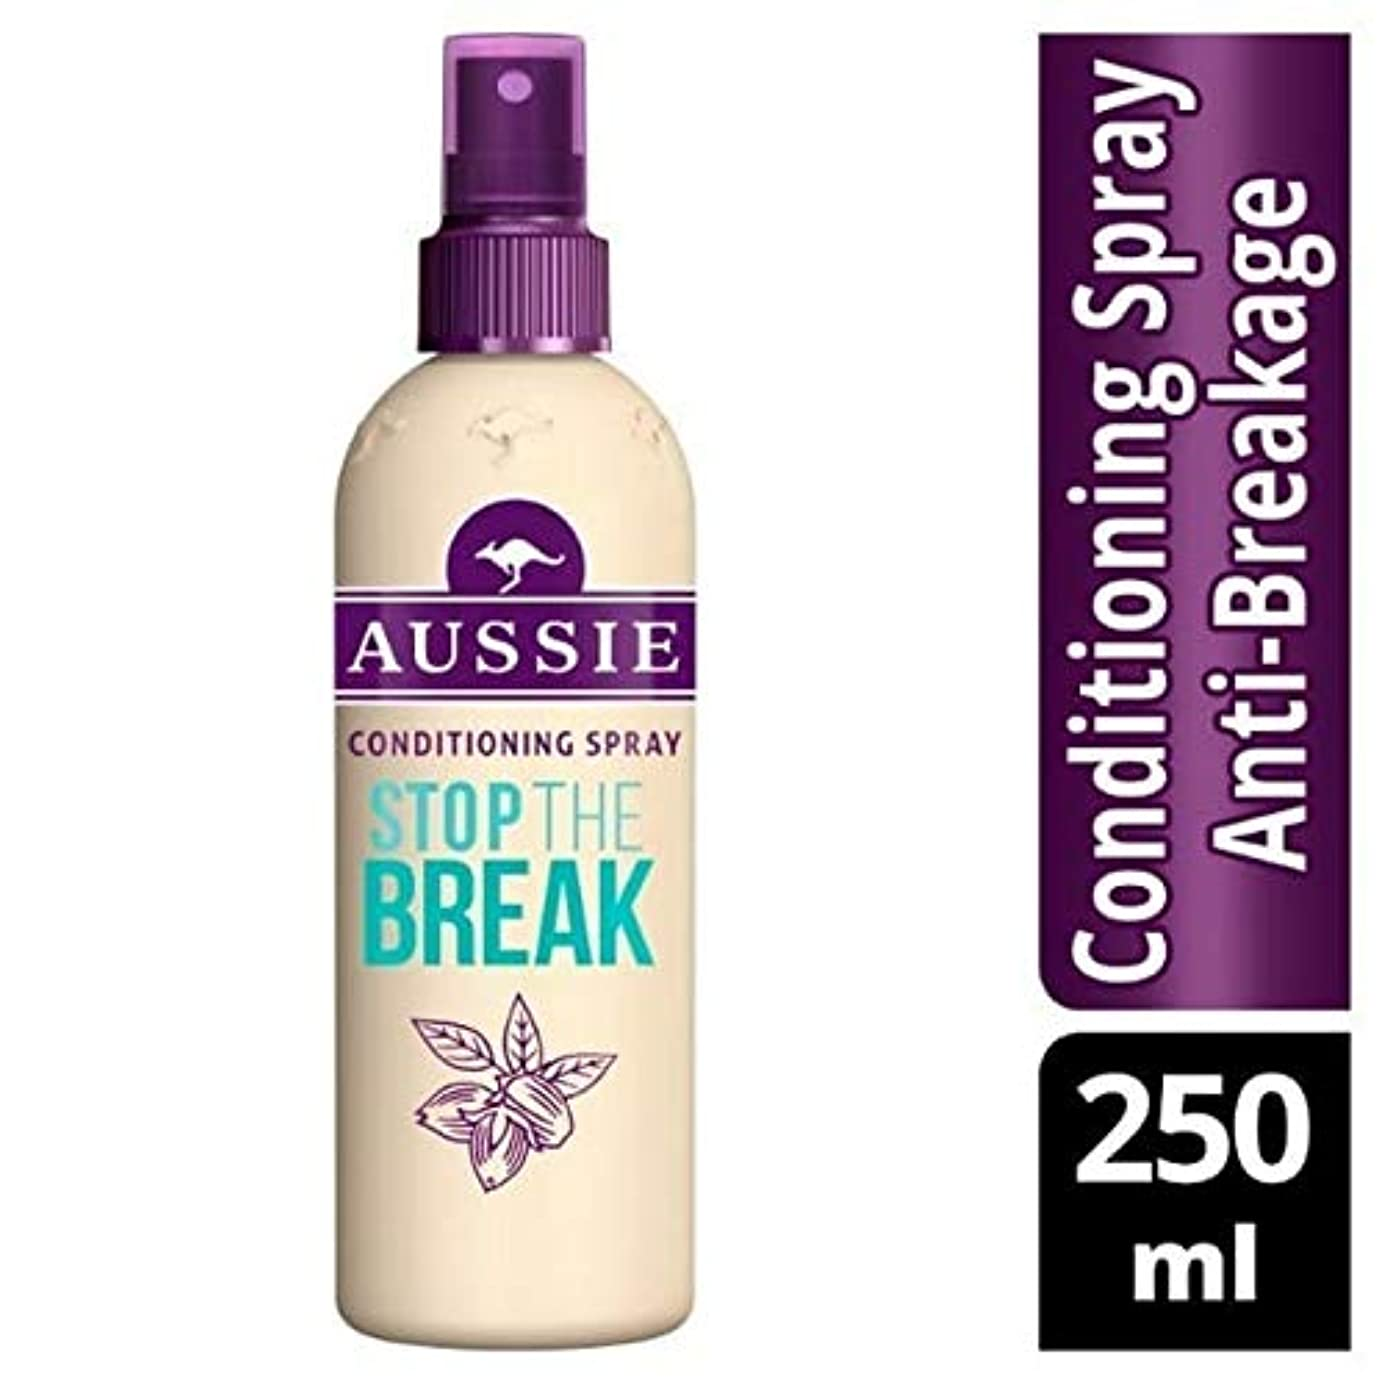 アーネストシャクルトン視力種類[Aussie ] オージーはブレーク保護&コンディショニングスプレー250ミリリットルを停止します - Aussie Stop The Break Protection & Conditioning Spray 250ml...